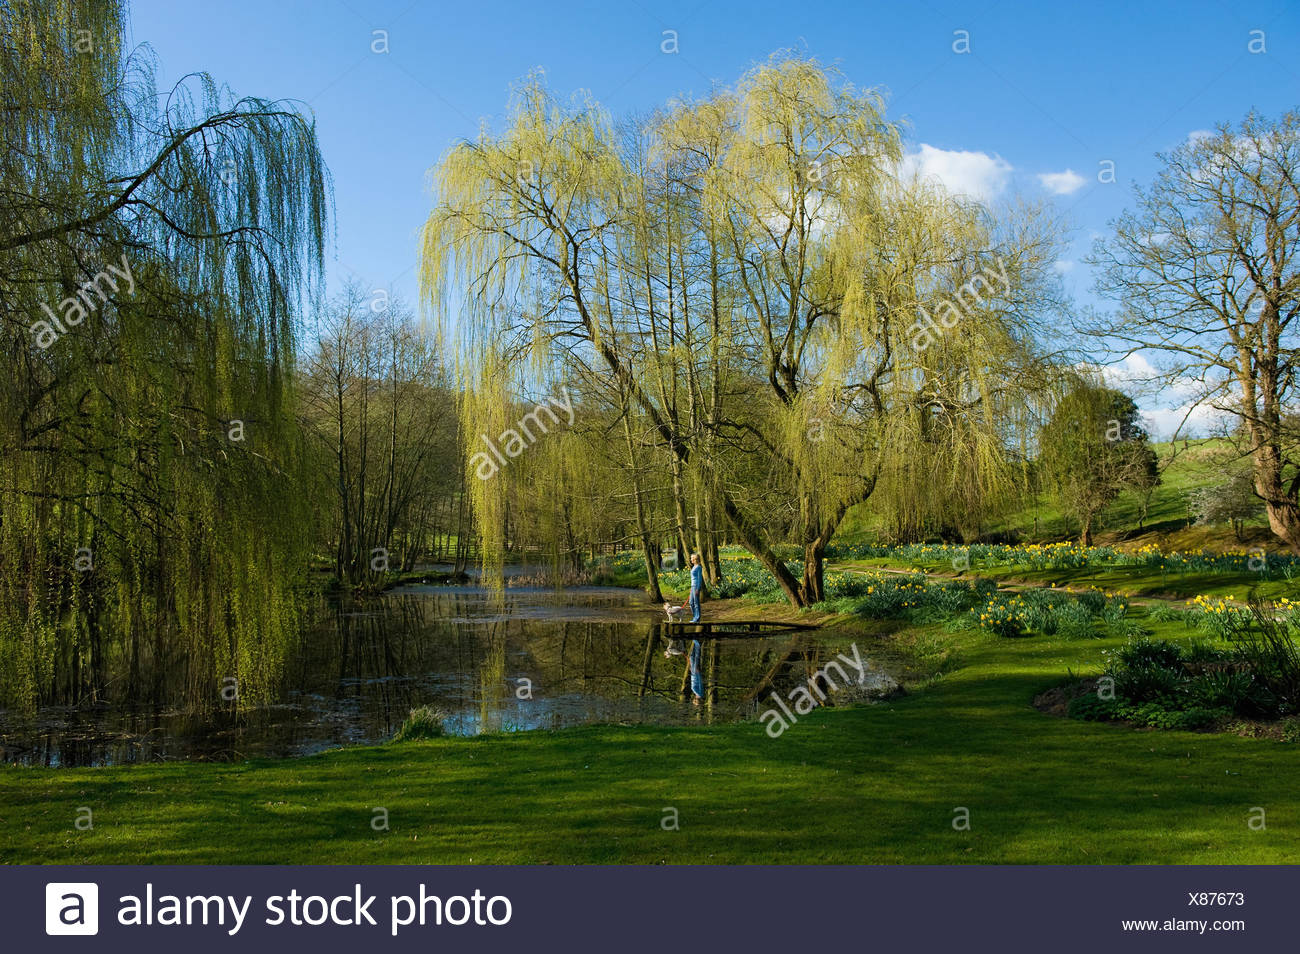 Une femme et un chien debout sur une jetée sur un lac, avec saule pleureur frondes atteignant jusqu'à l'eau. Photo Stock